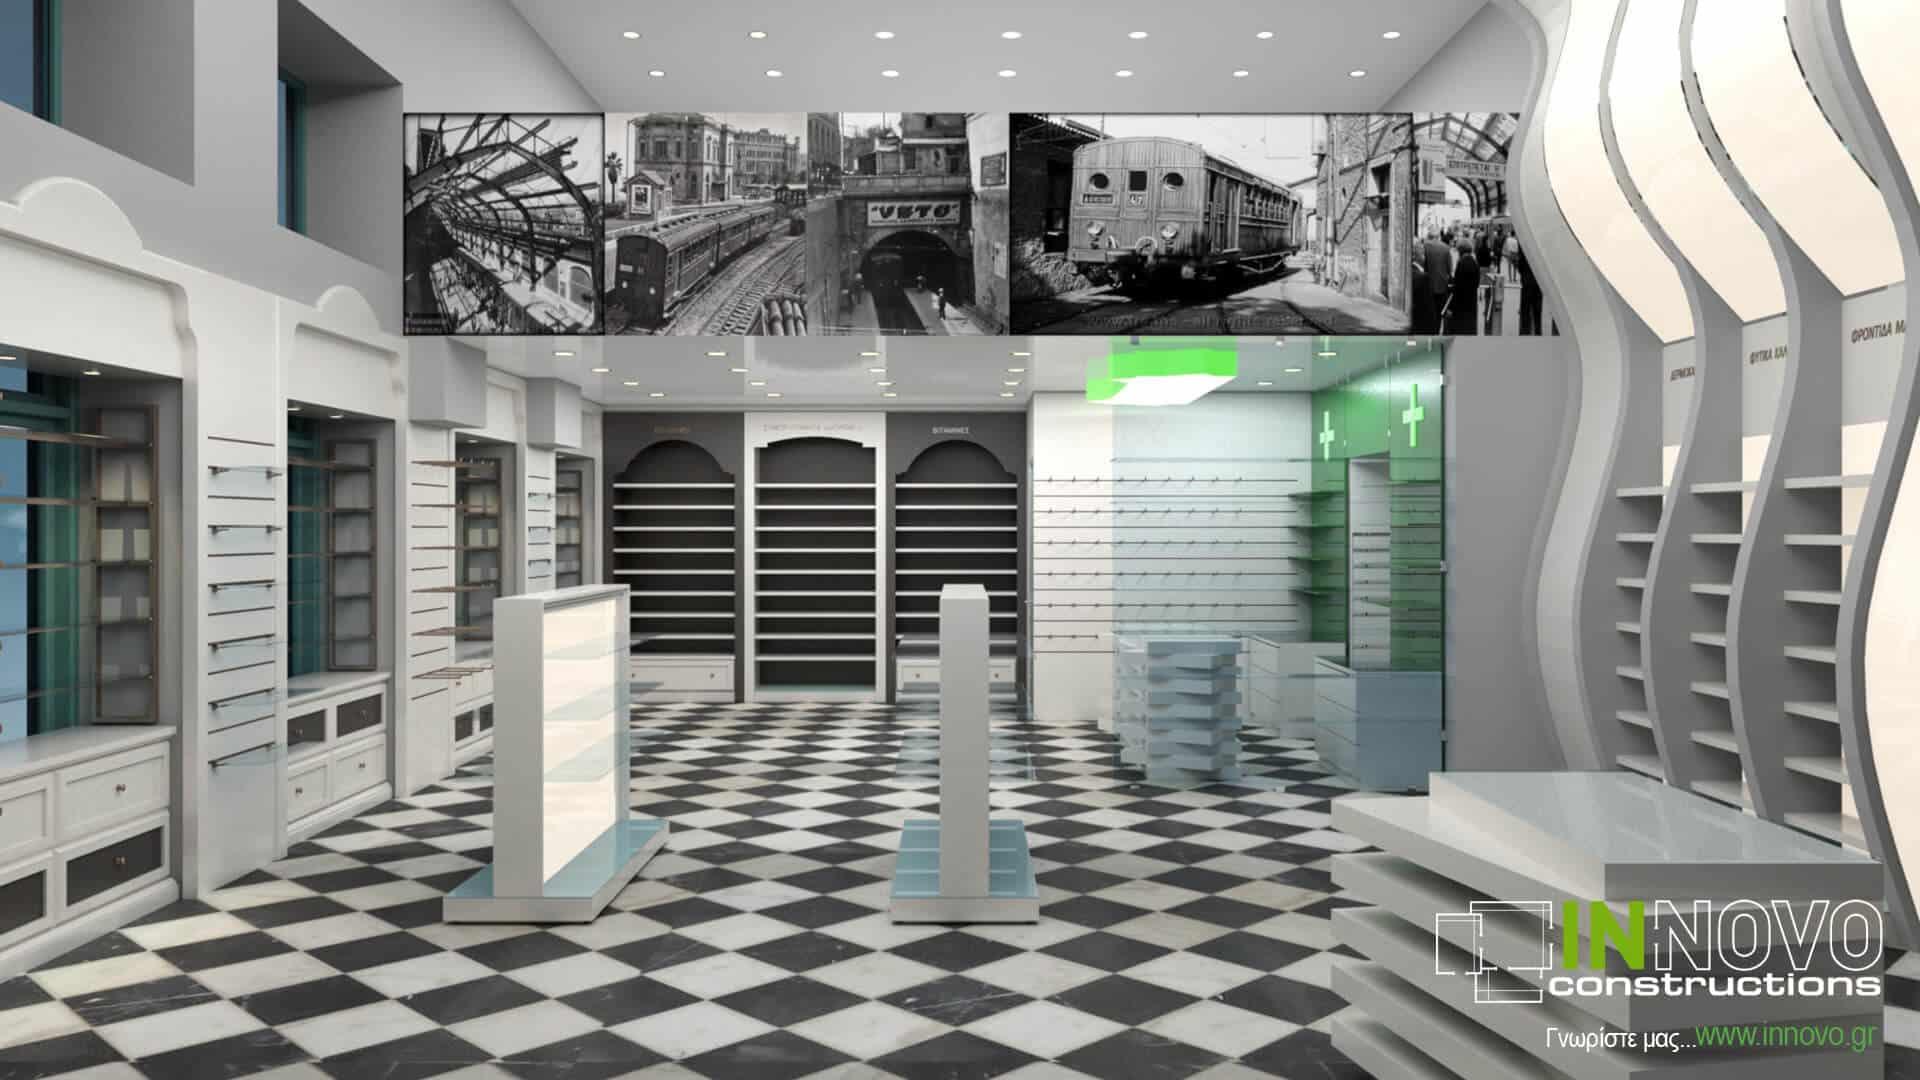 Από την Constructions, ανακαίνιση και διακόσμηση φαρμακείου στον Πειραιά